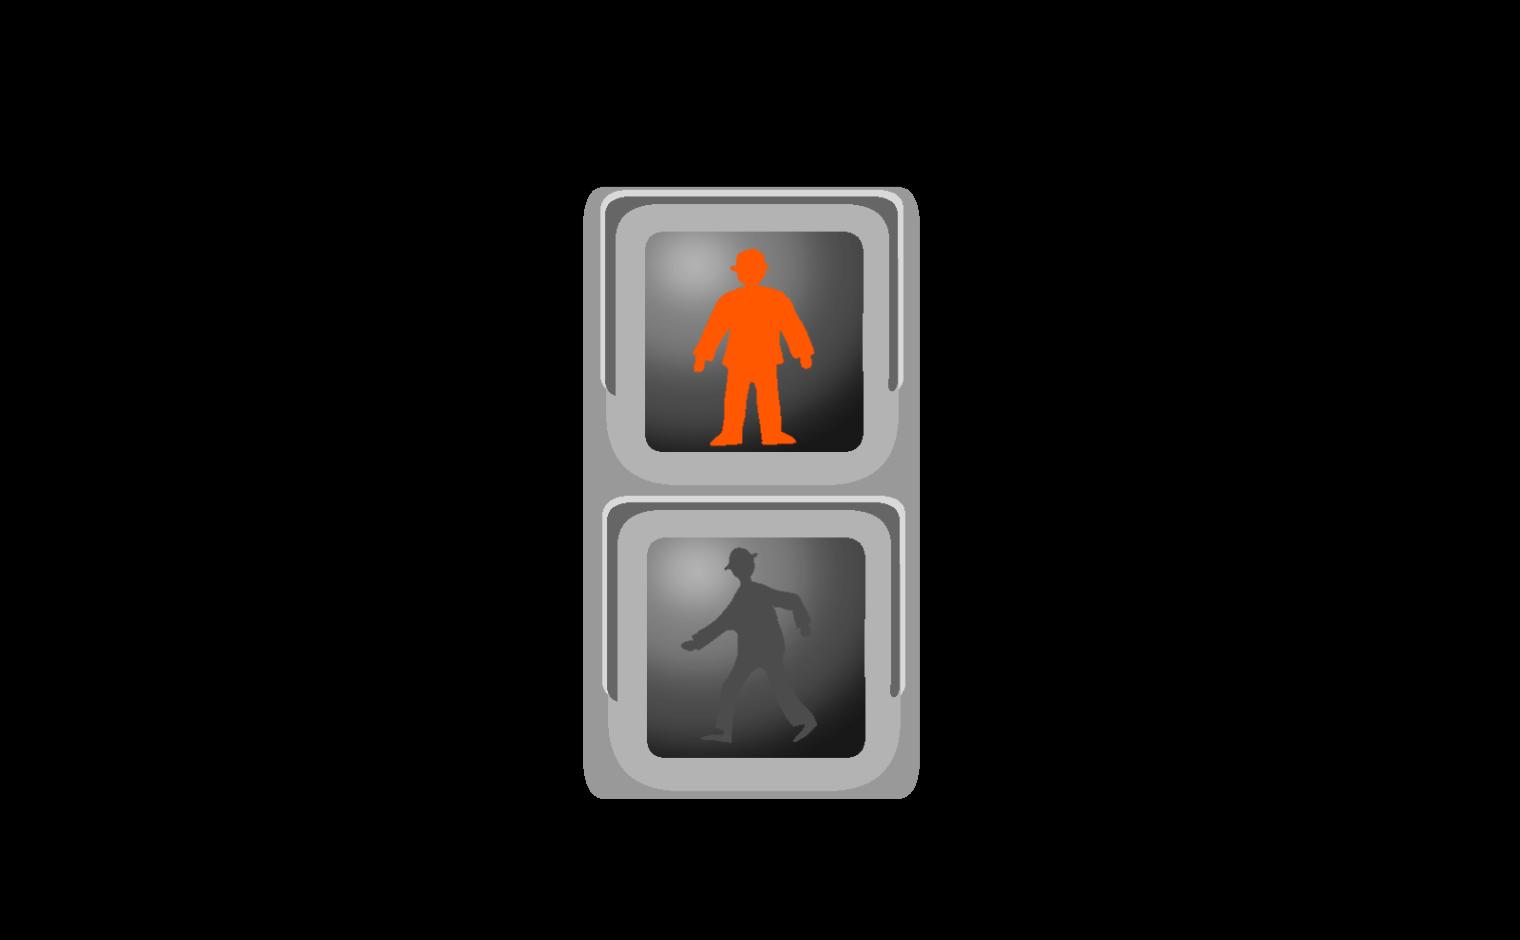 歩行者の信号無視で事故